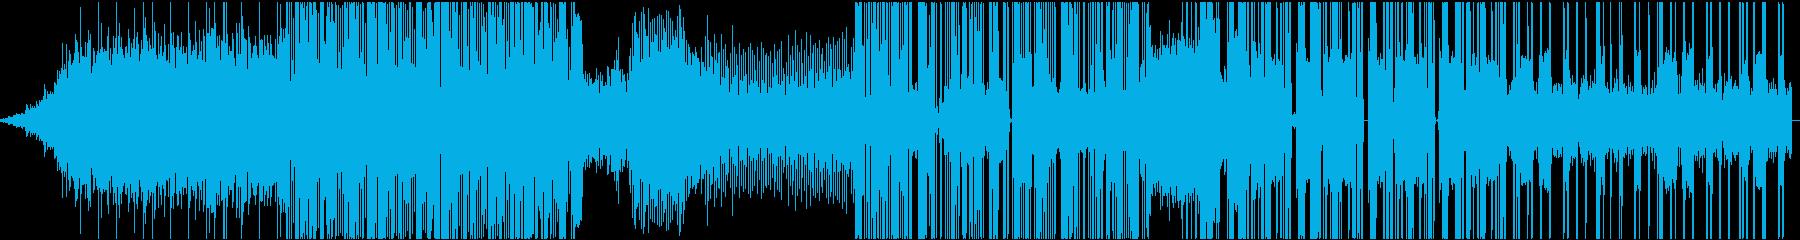 クールで無機質なHybrid Trapの再生済みの波形